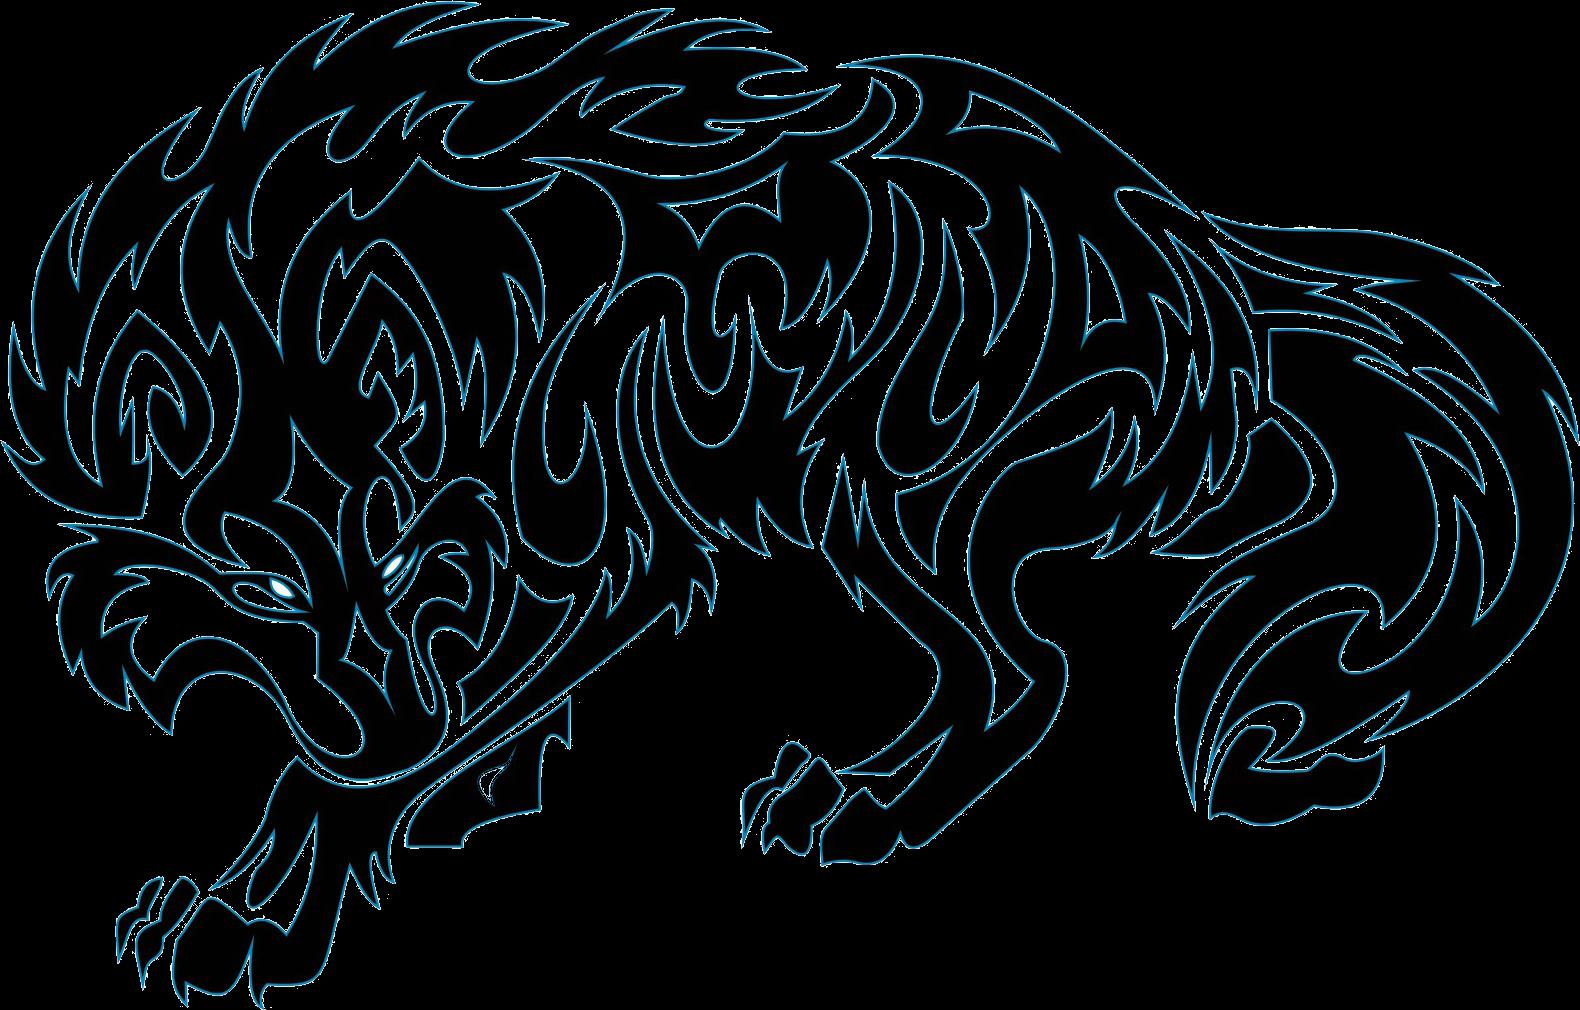 Transparent tattoo machine clip art - Gray Wolf Old School Sleeve Tattoo Tattoo Machine - Tribal Wolf Tattoo